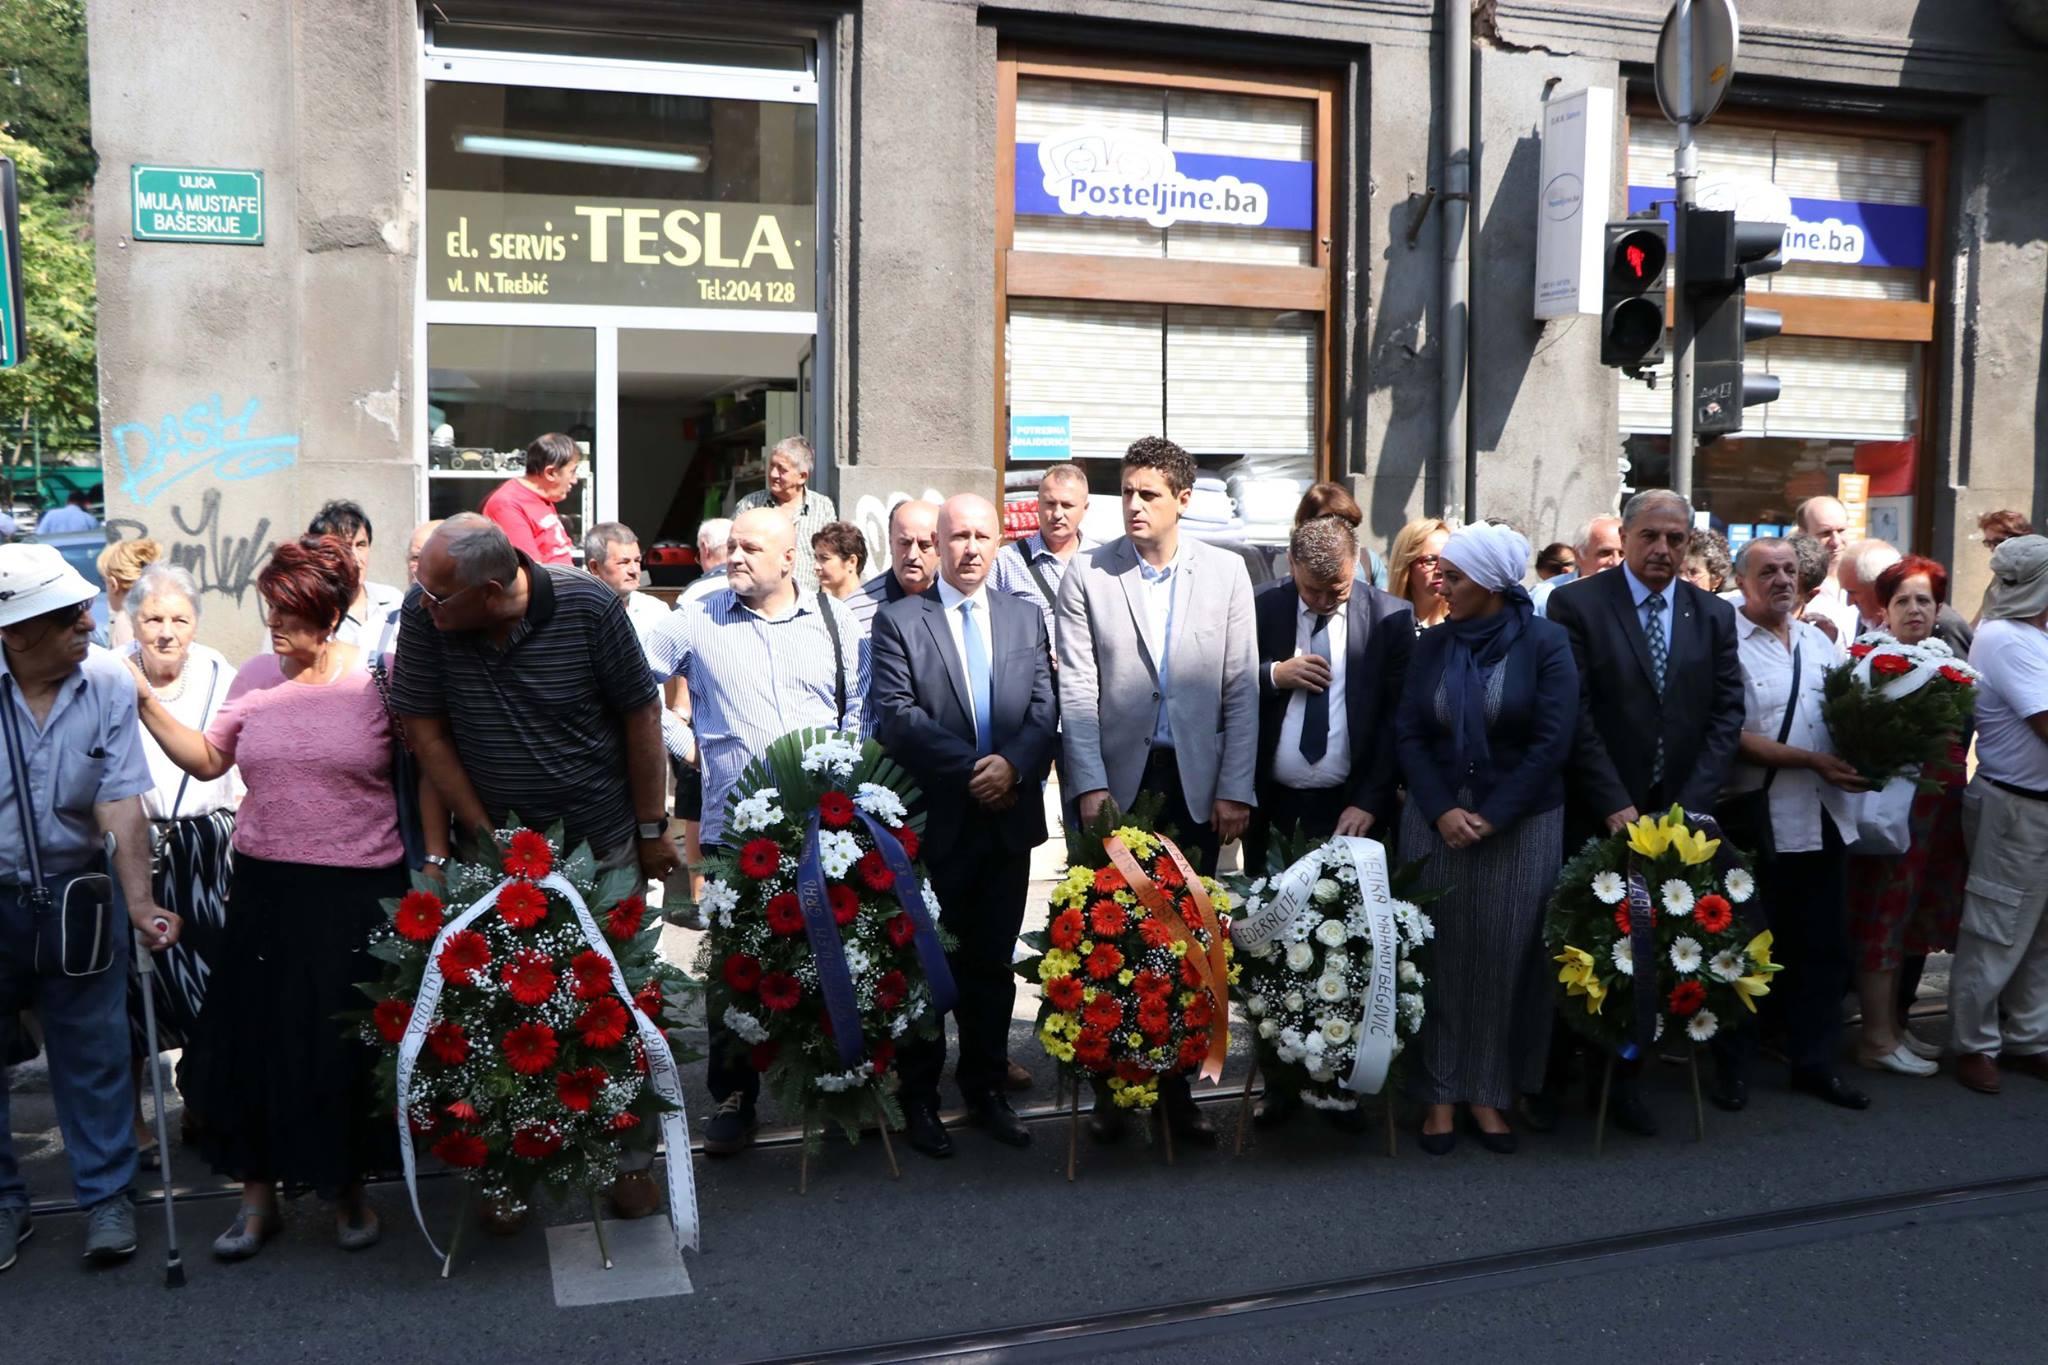 Potpredsjednik FBiH Milan Dunović prisustvovao polaganju cvijeća kod Gradske tržnice u Sarajevu